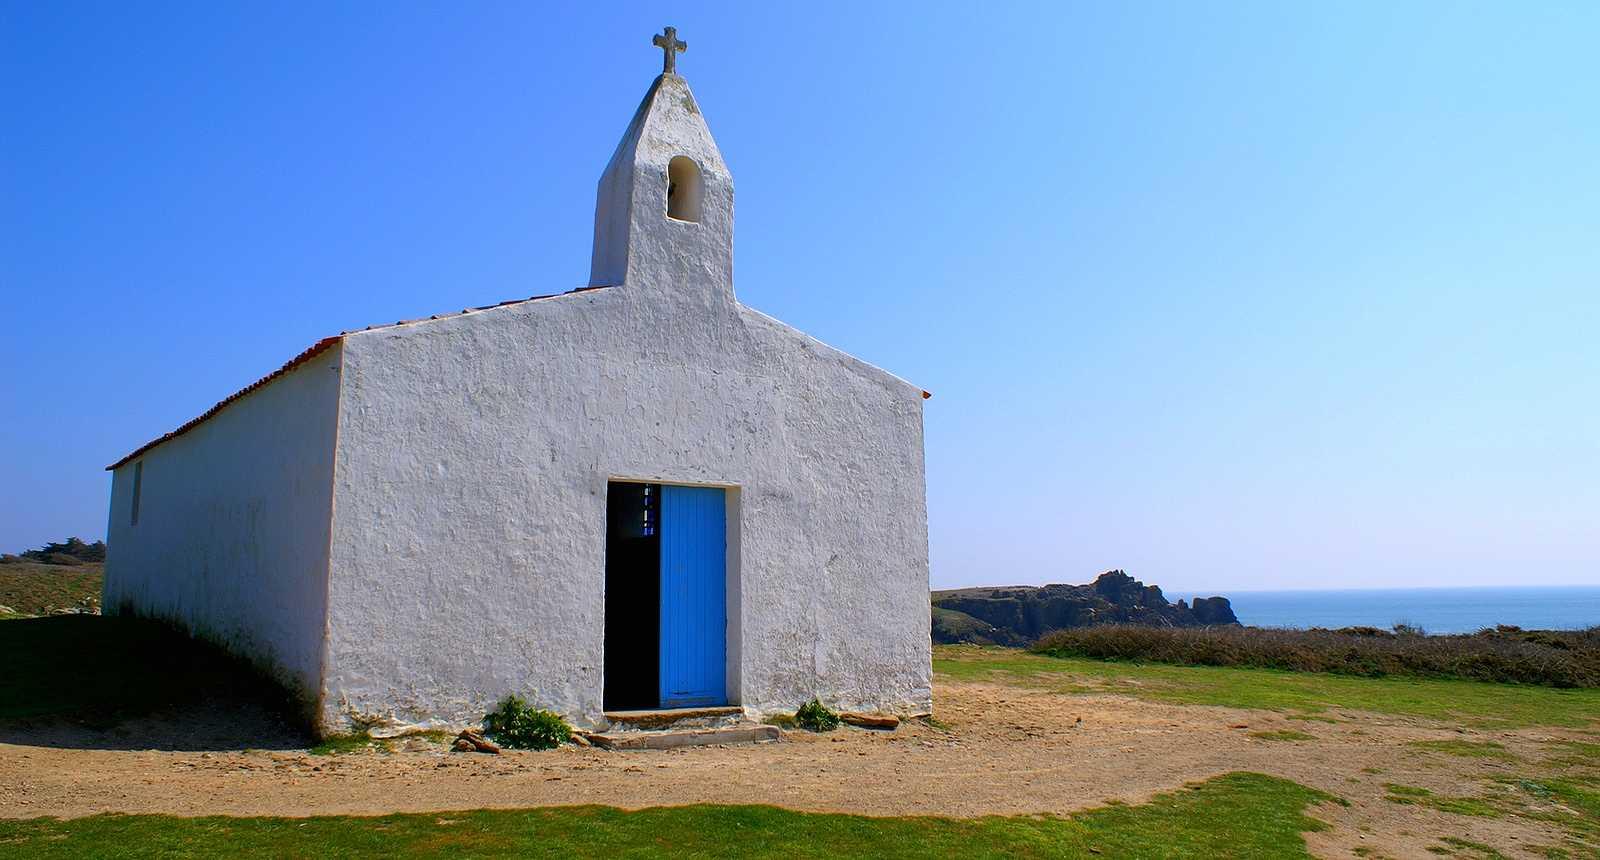 La petite chapelle de Port-la-Meule sur l'Île d'Yeu